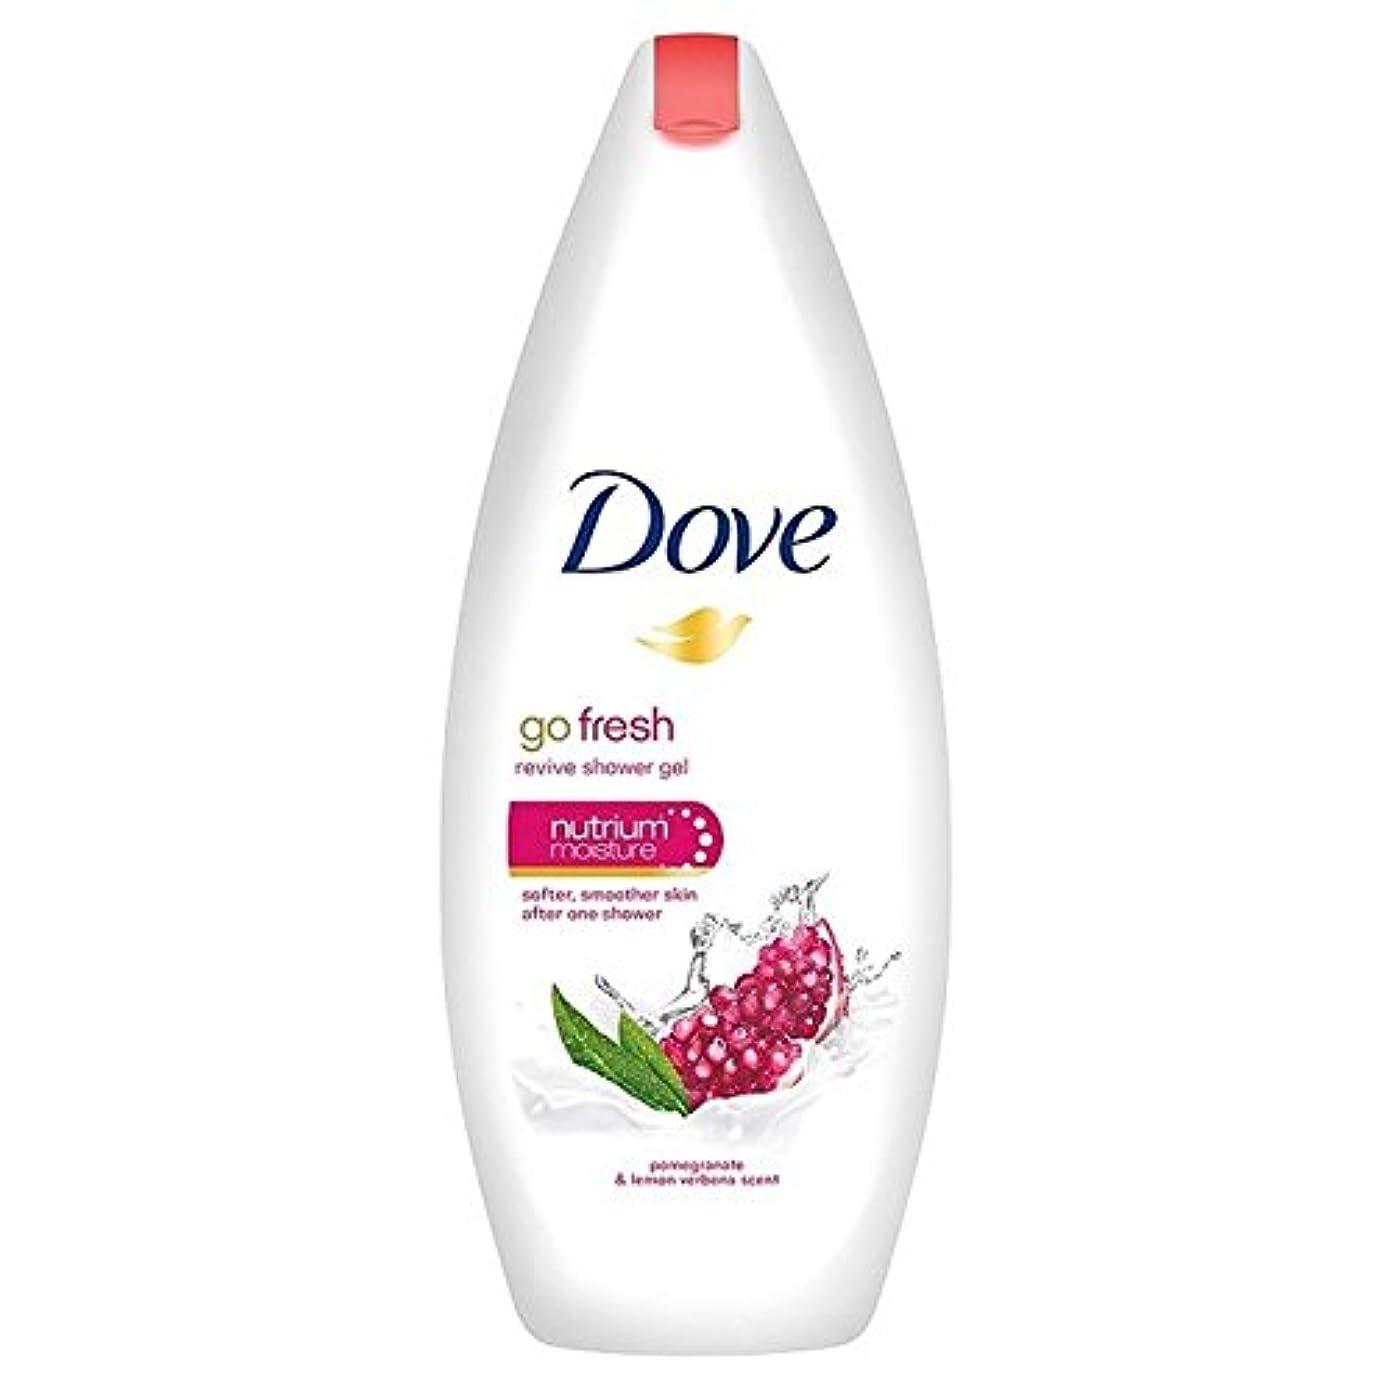 プレフィックス気球逃れるDove Go Fresh Pomegranate Body Wash 250ml (Pack of 6) - 鳩は、新鮮なザクロボディウォッシュ250ミリリットルを行きます x6 [並行輸入品]